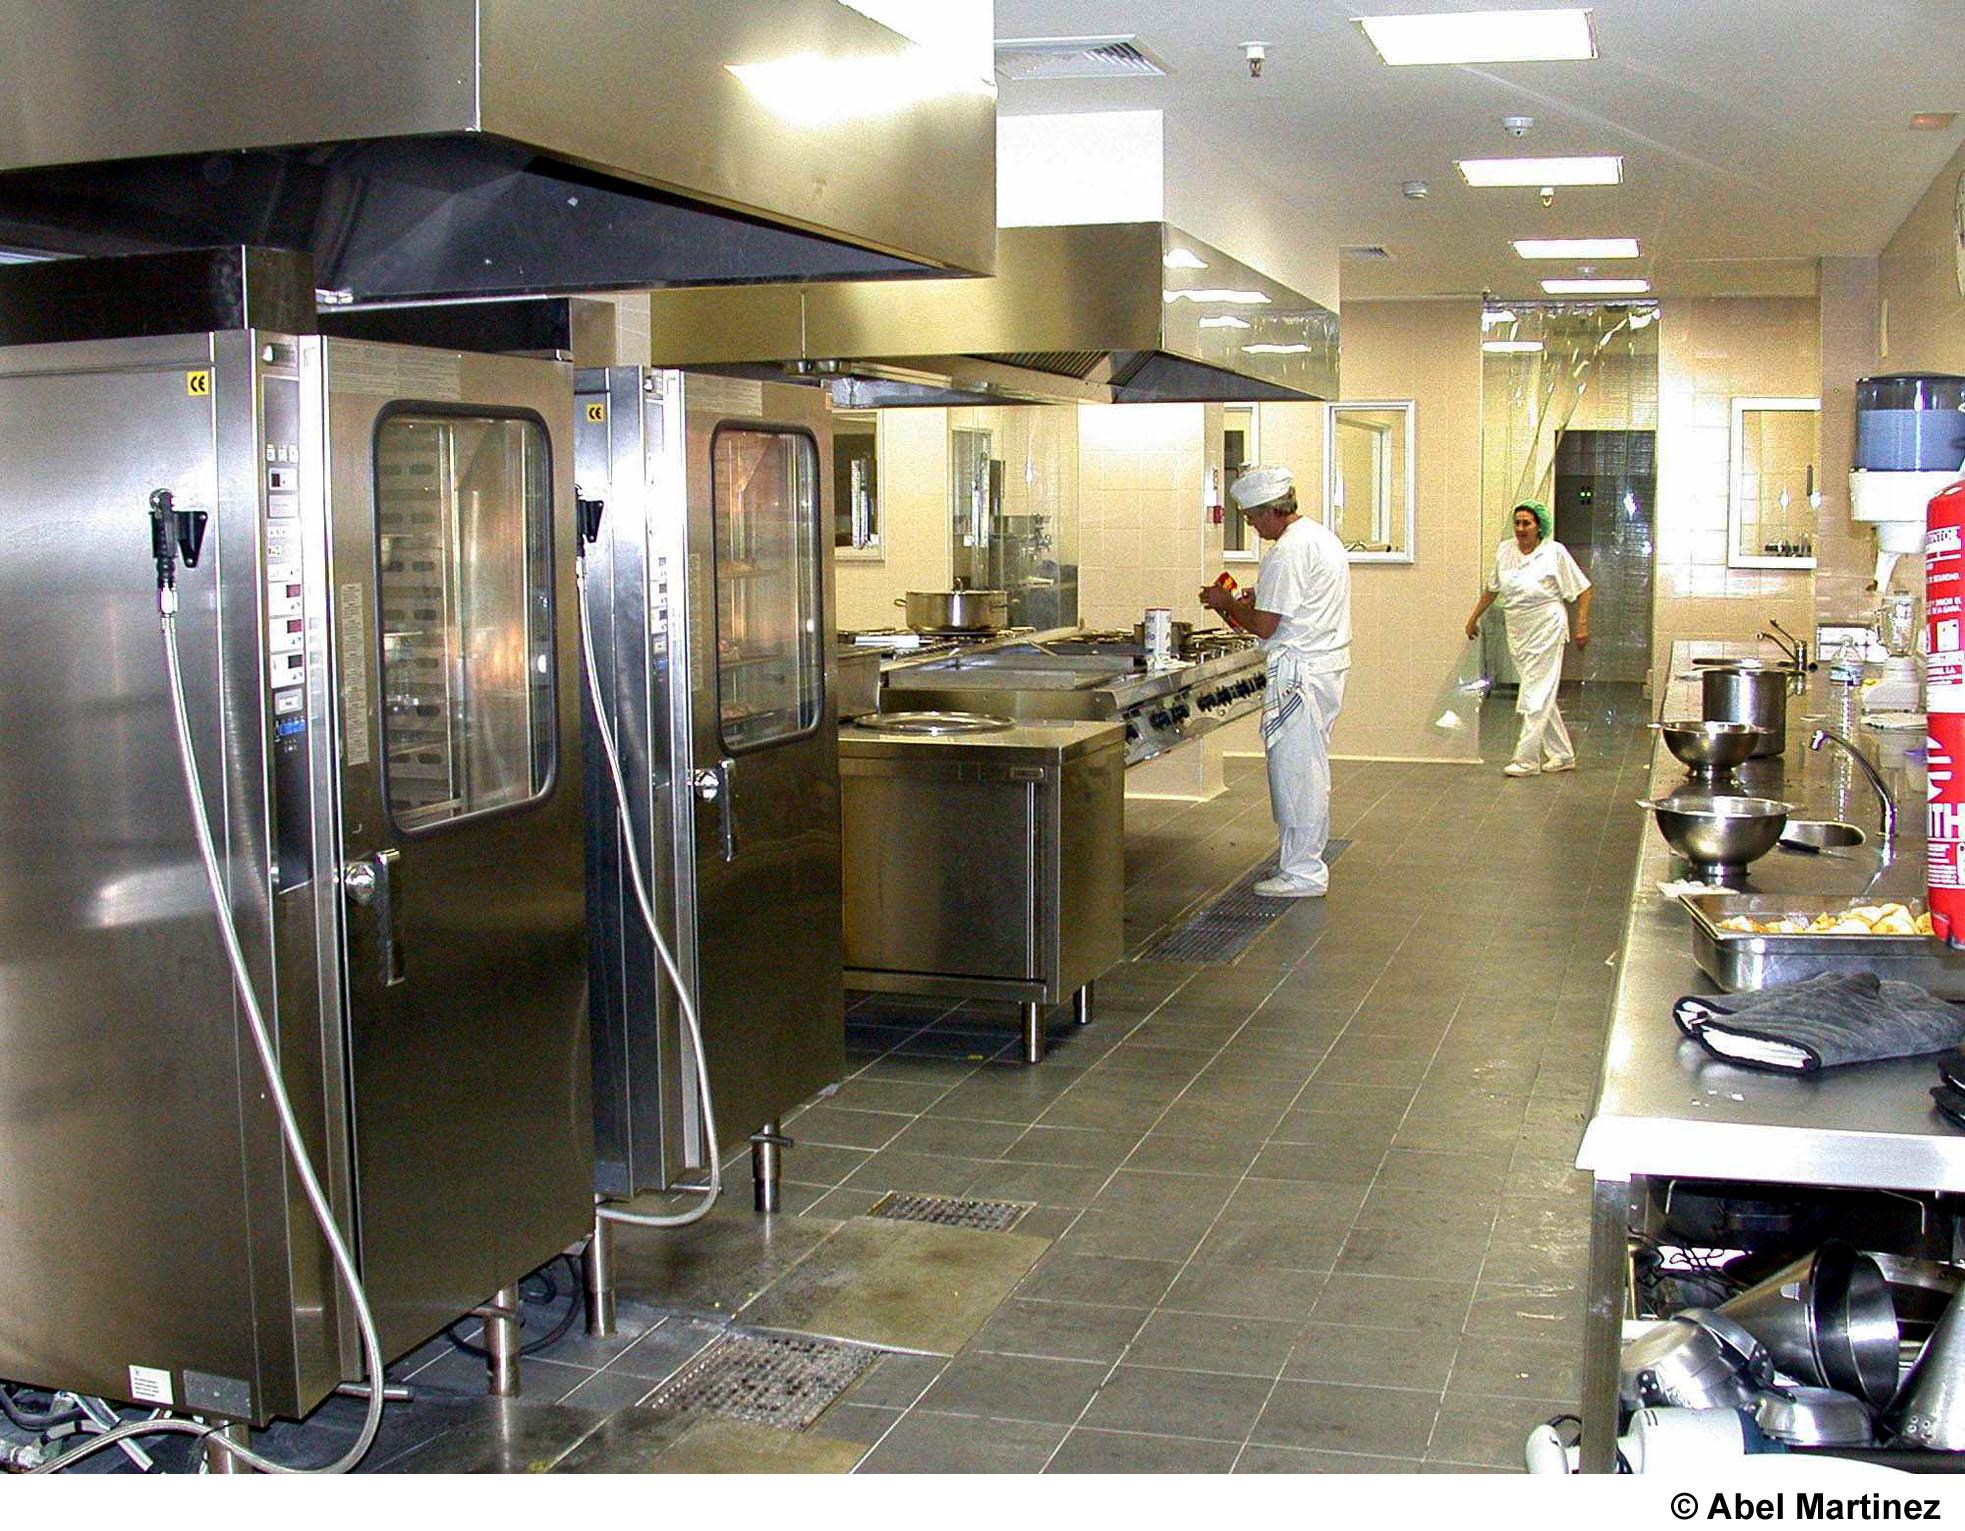 Empiezan a funcionar las nuevas cocinas del hospital for Muebles de cocina talavera de la reina